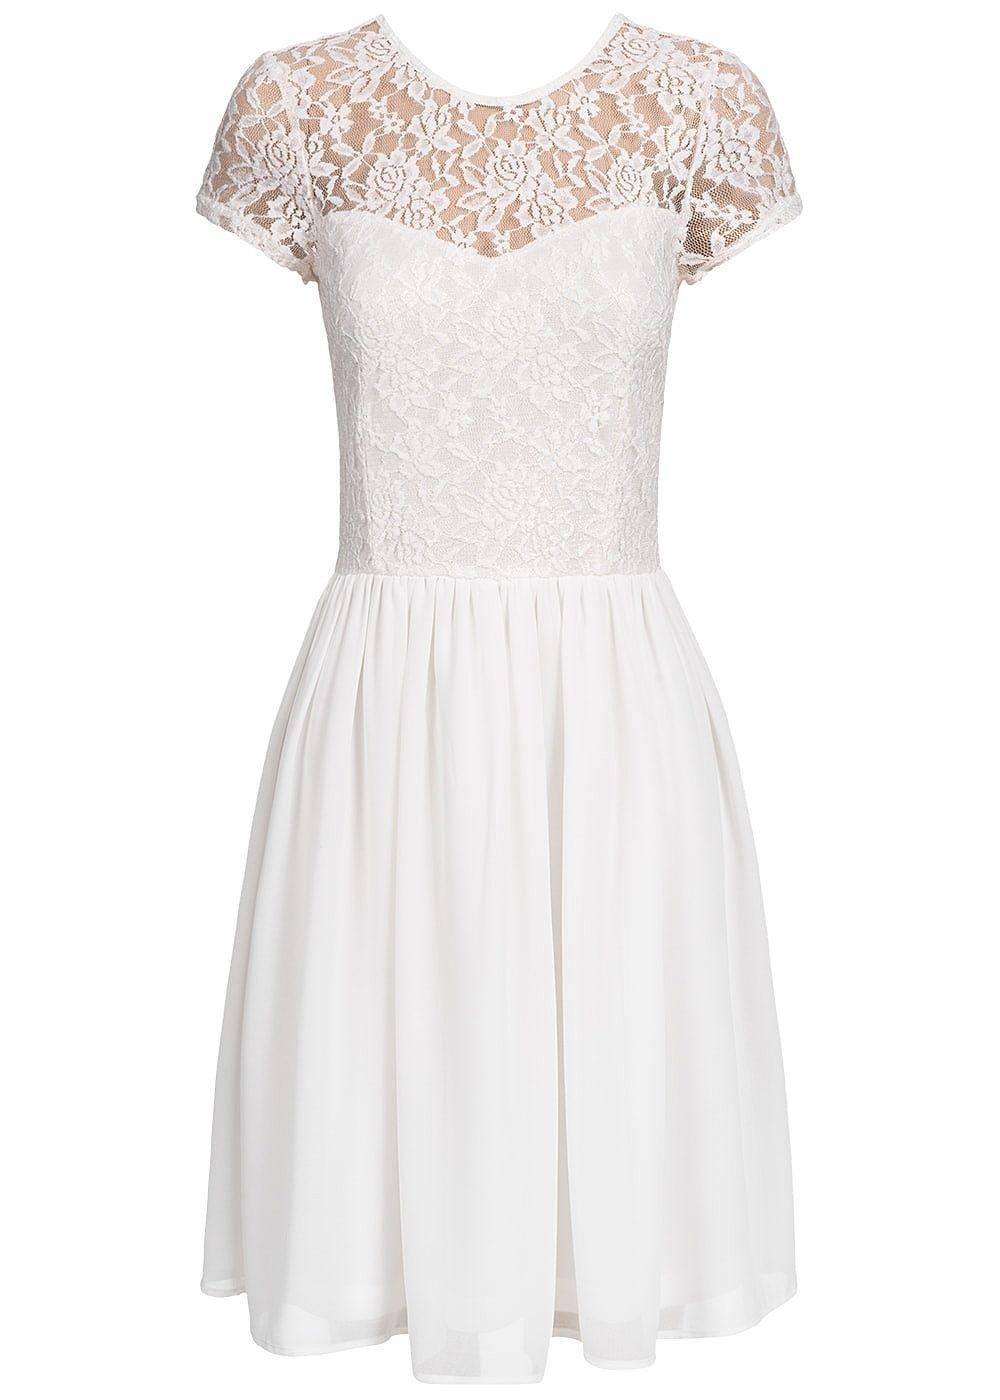 Cool Kleid Weiß Glitzer Stylish17 Einfach Kleid Weiß Glitzer Spezialgebiet